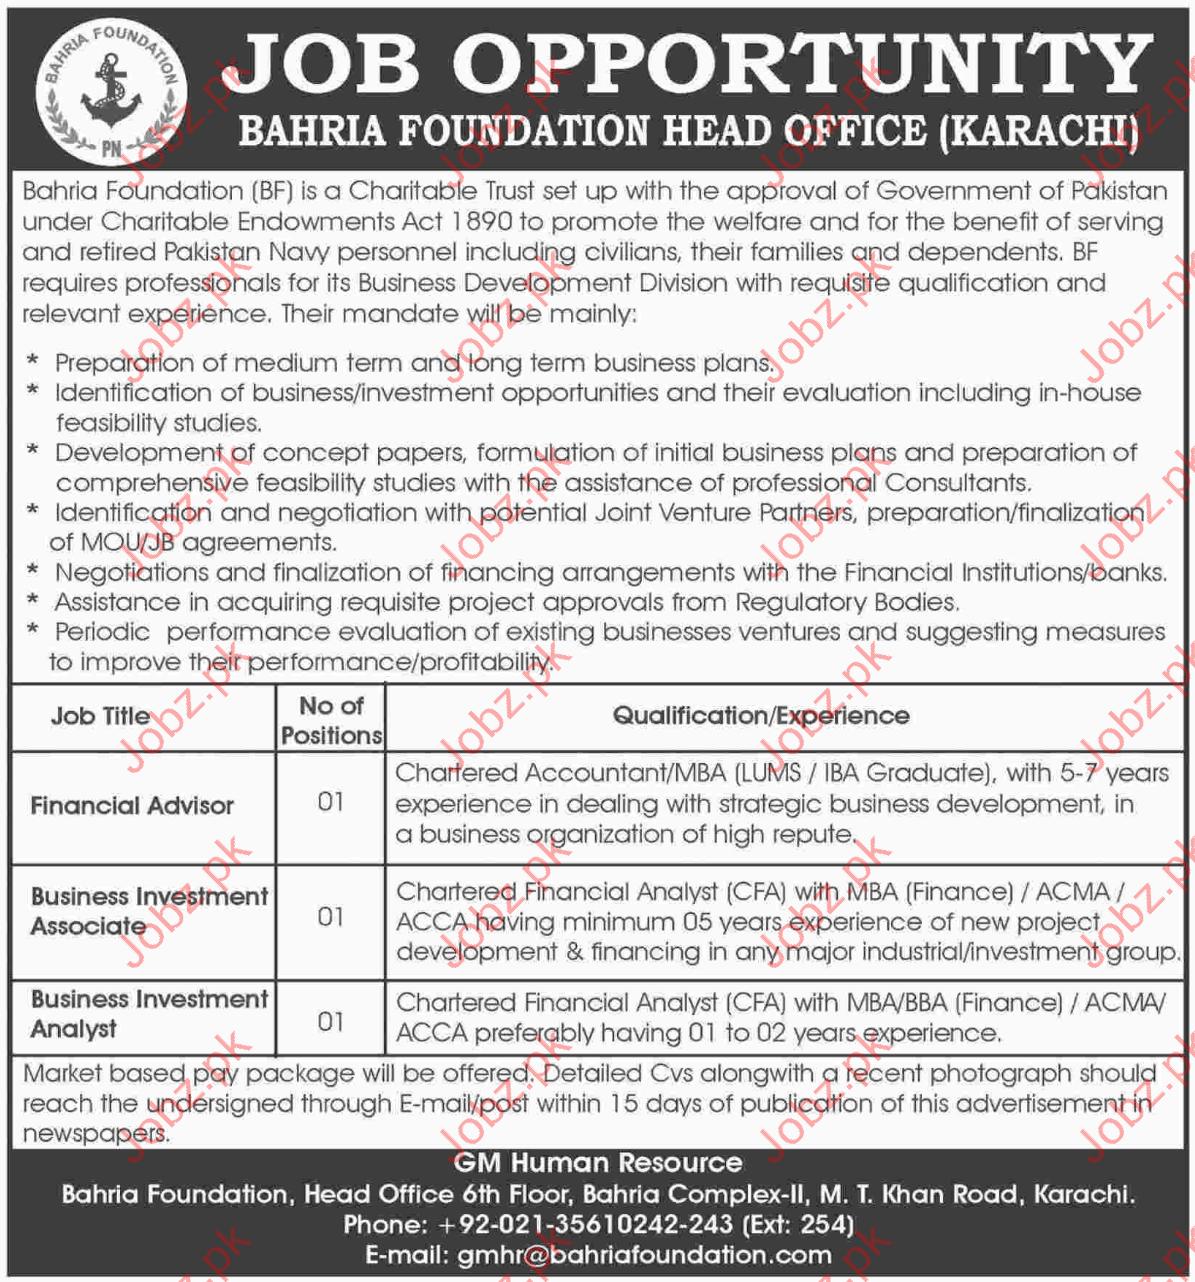 Bahria Foundation Head Office (Karachi) Jobs Opportunity